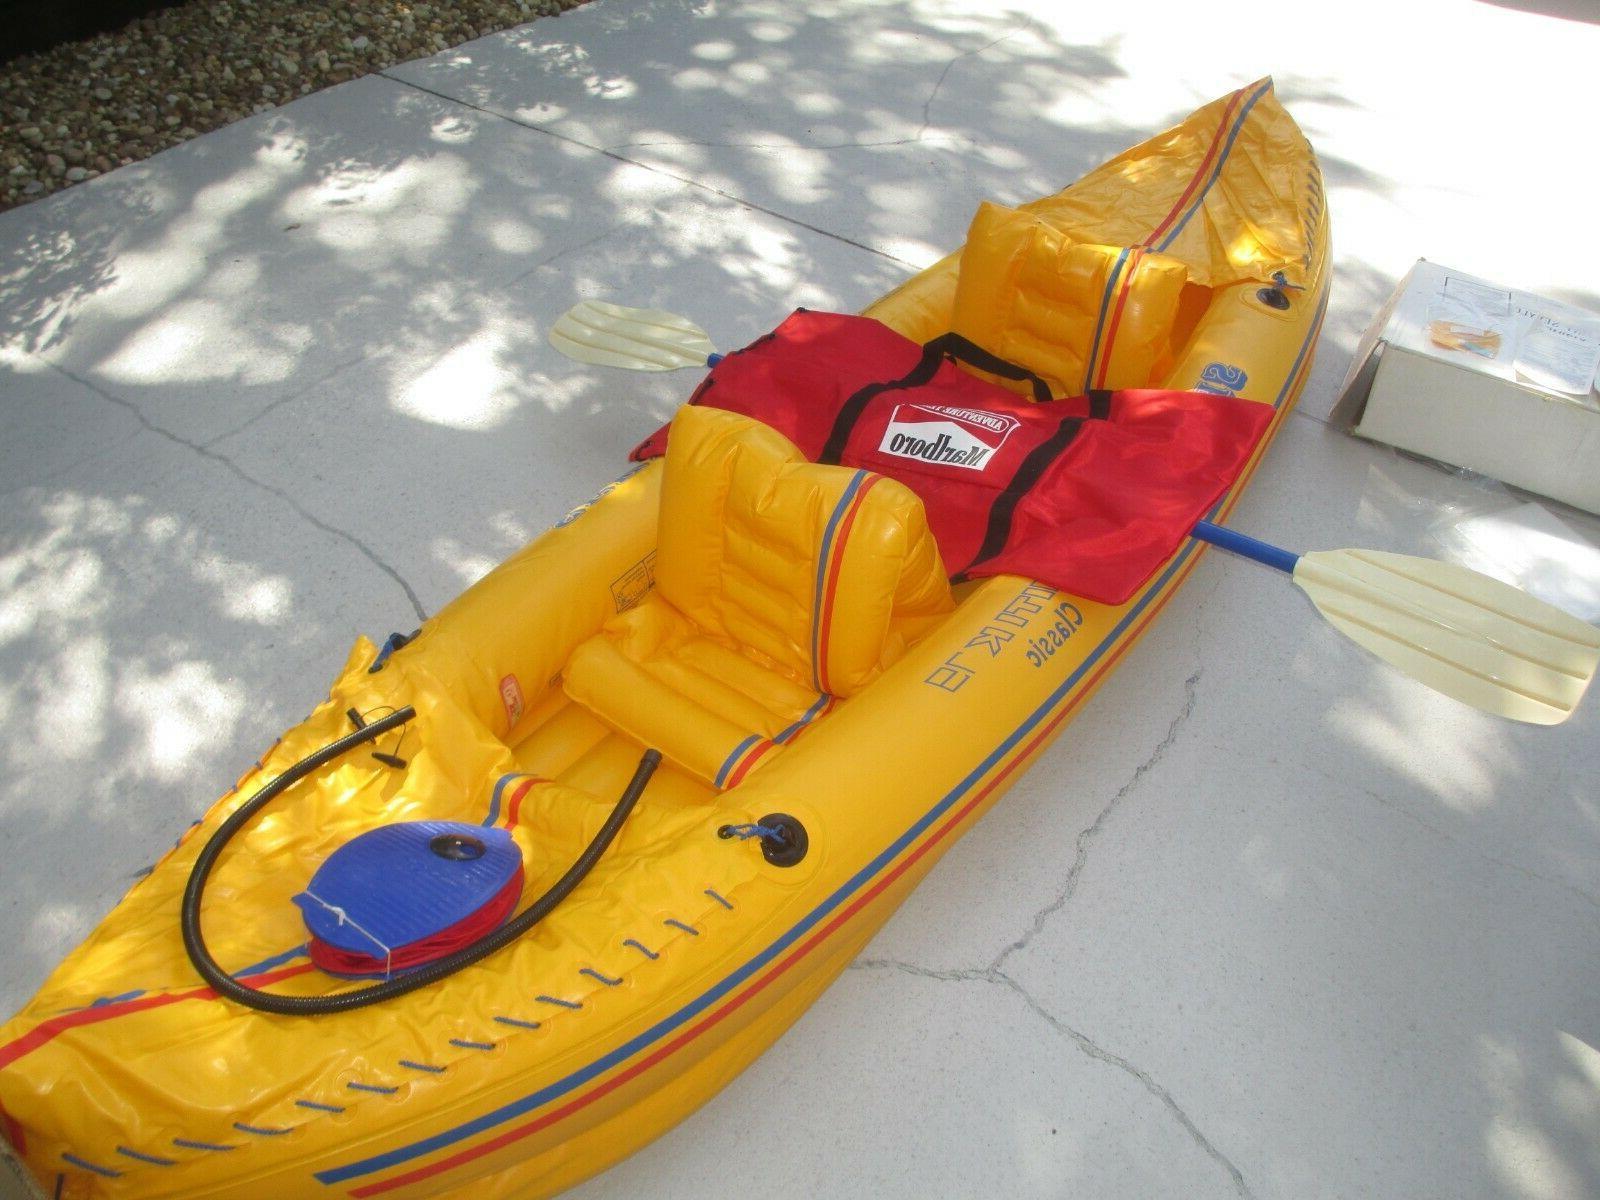 marlboro adventure team inflatable kayak tahiti k